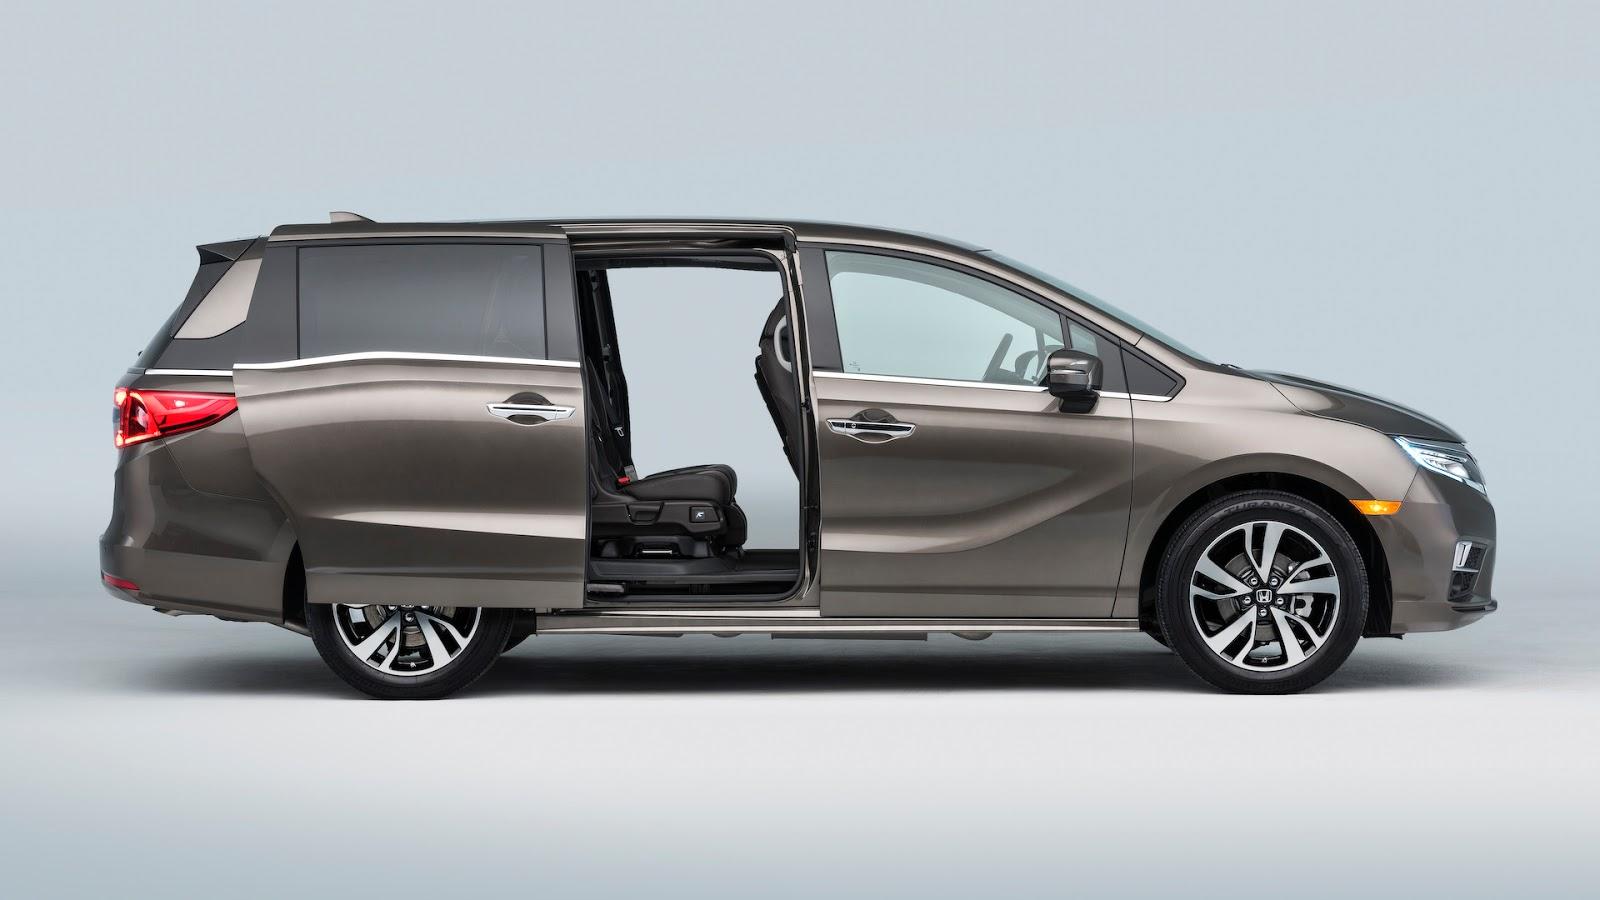 Honda Odyssey 2018 thêm tính năng dành riêng cho gia đình - ảnh 6